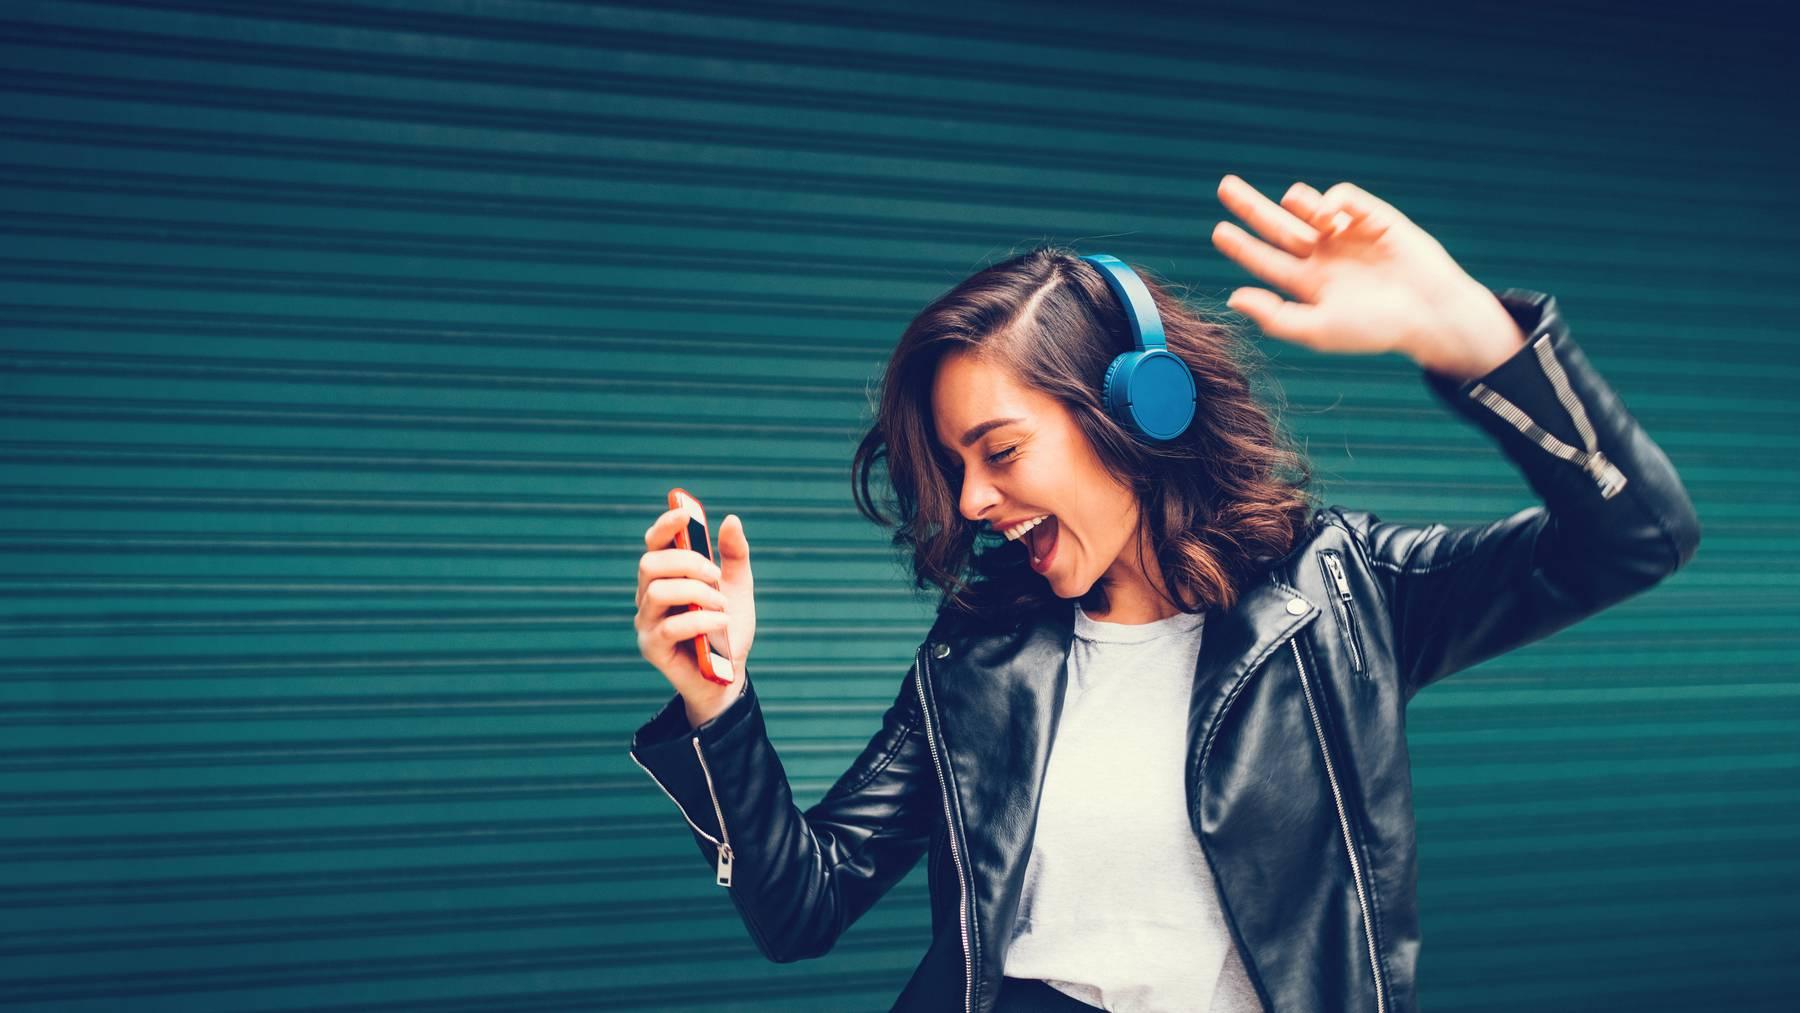 Eine neue Umfrage krönt die grössten Gute-Laune-Songs. (Symbolbild)